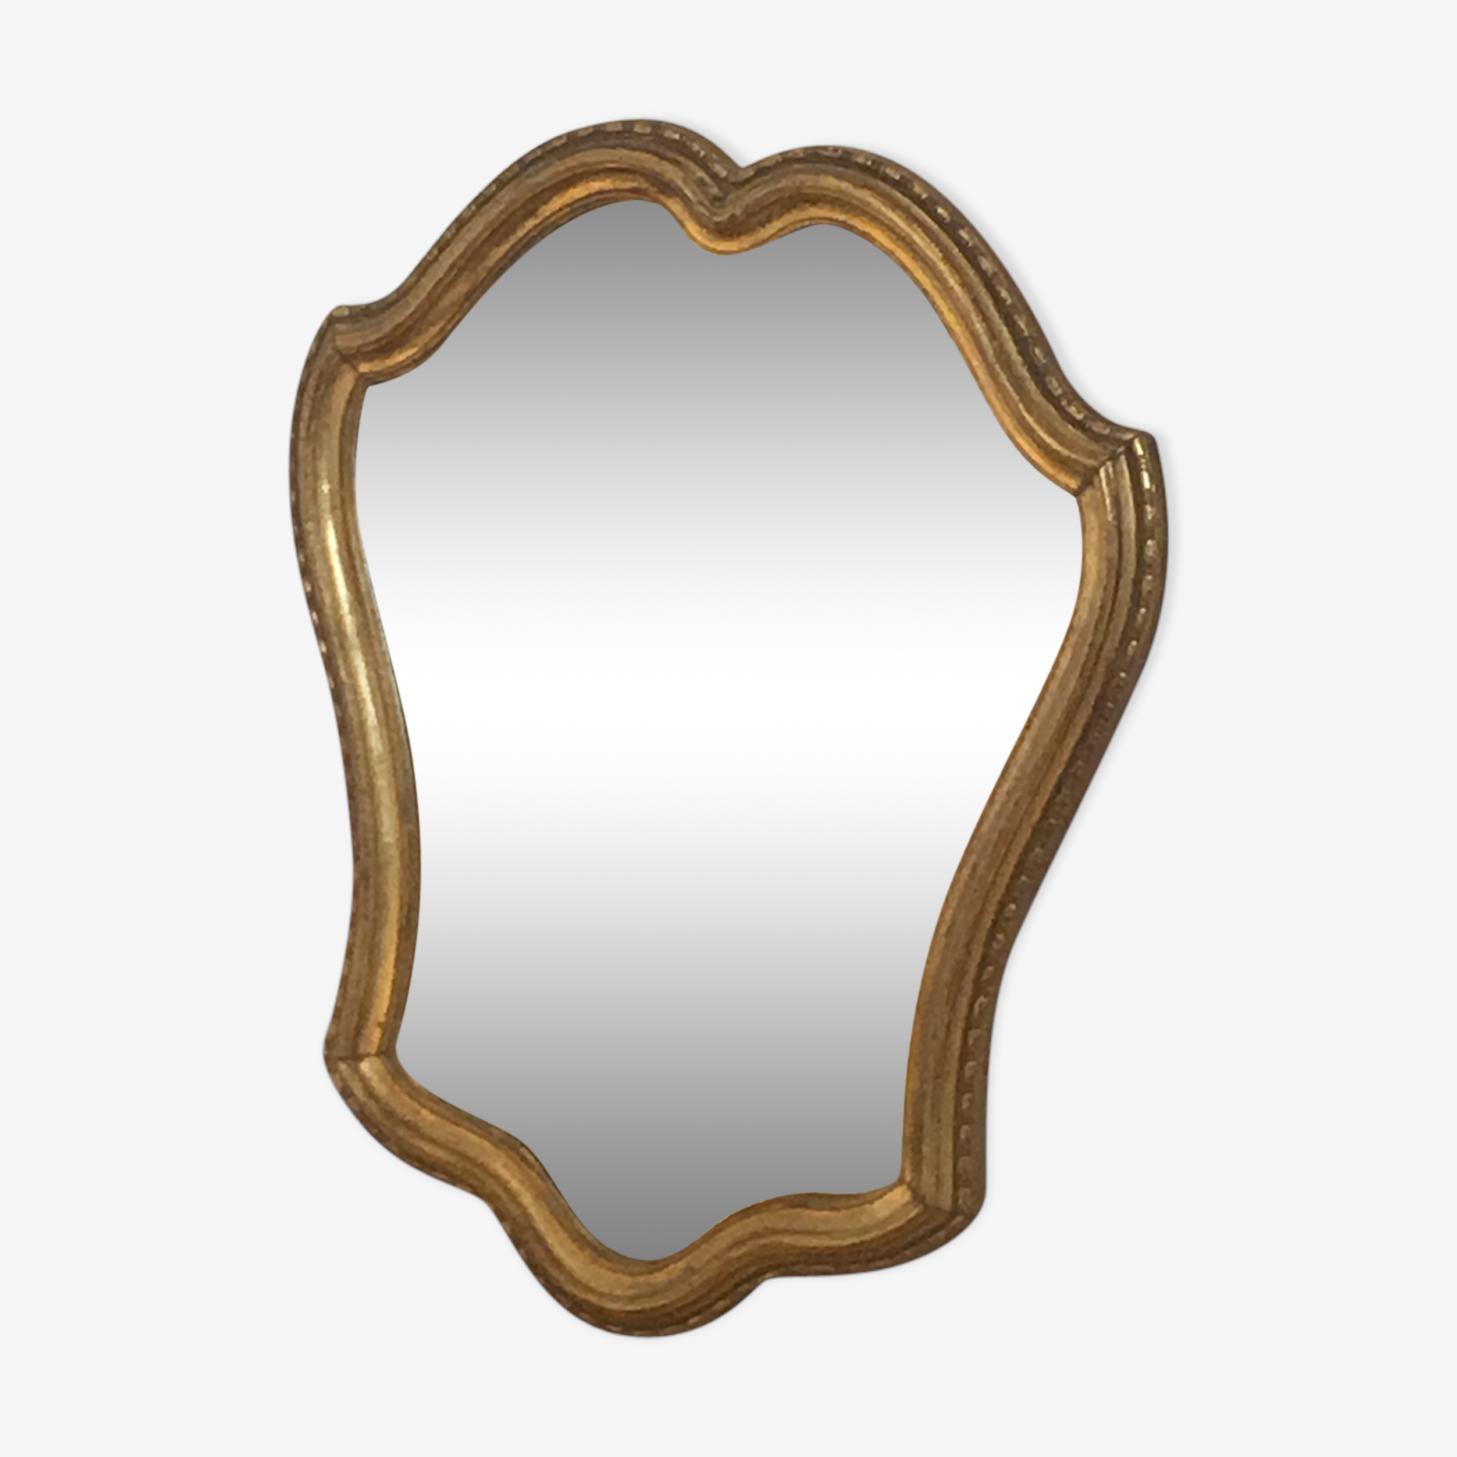 Miroir doré de style Louis XV, 29x36cm